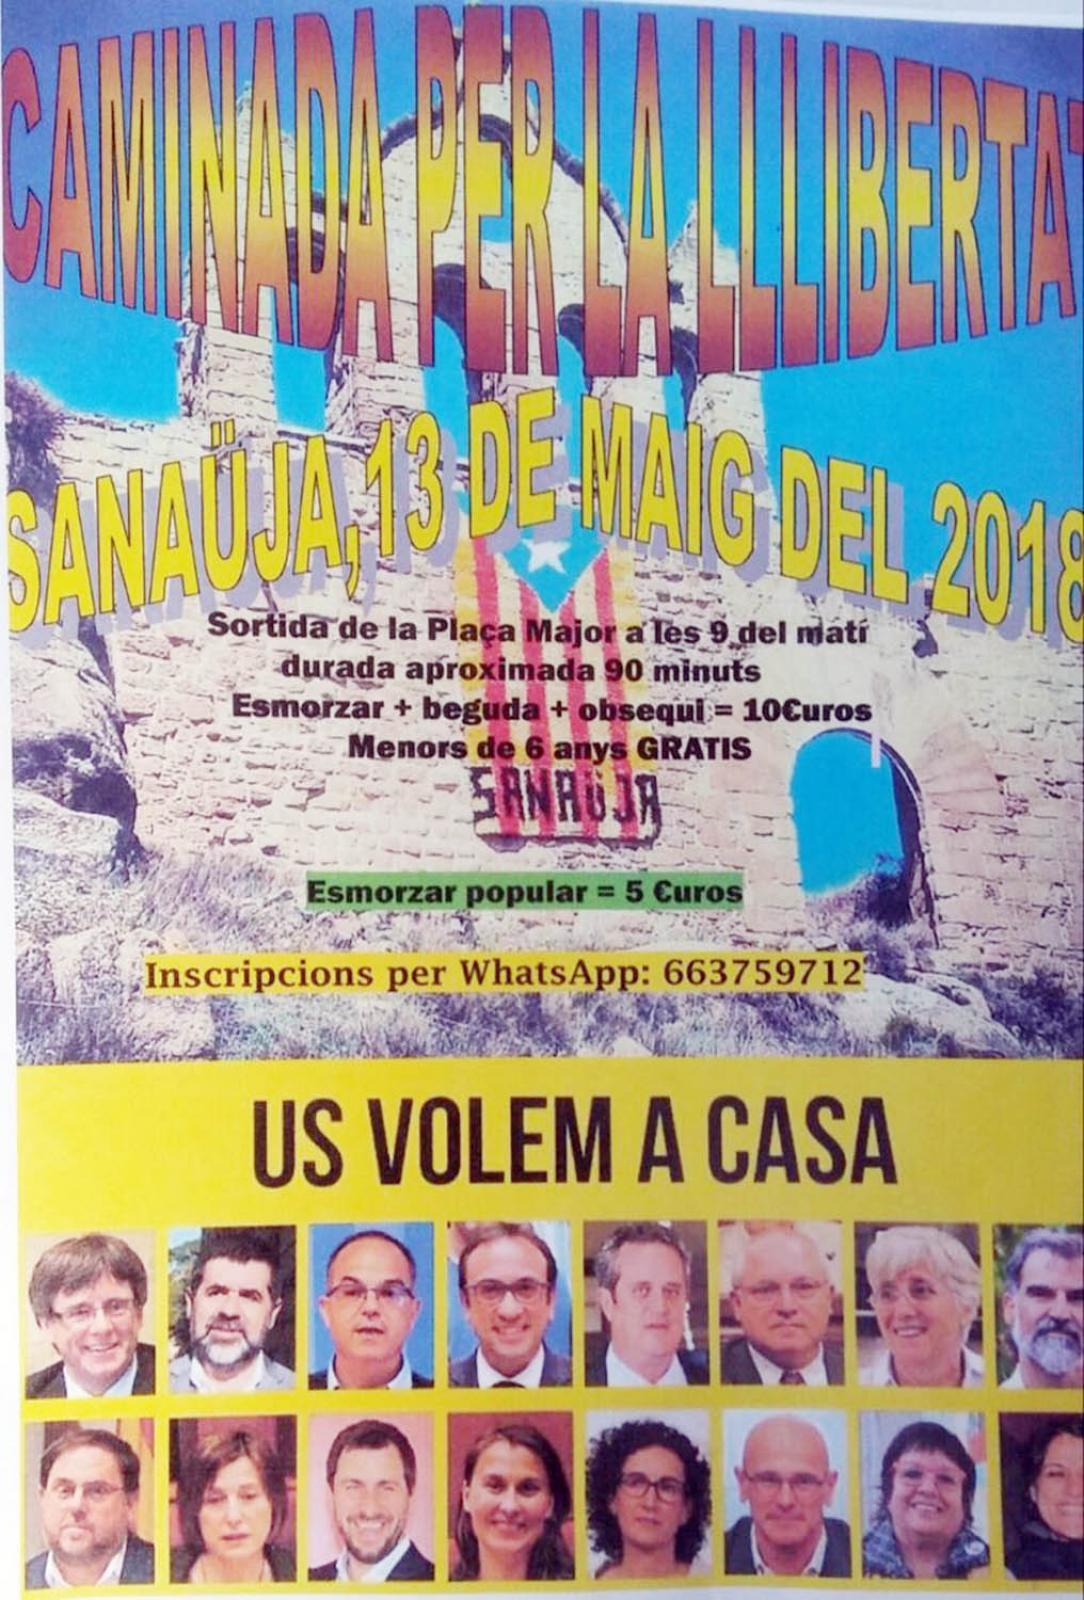 Caminada per la llibertat a Sanaüja